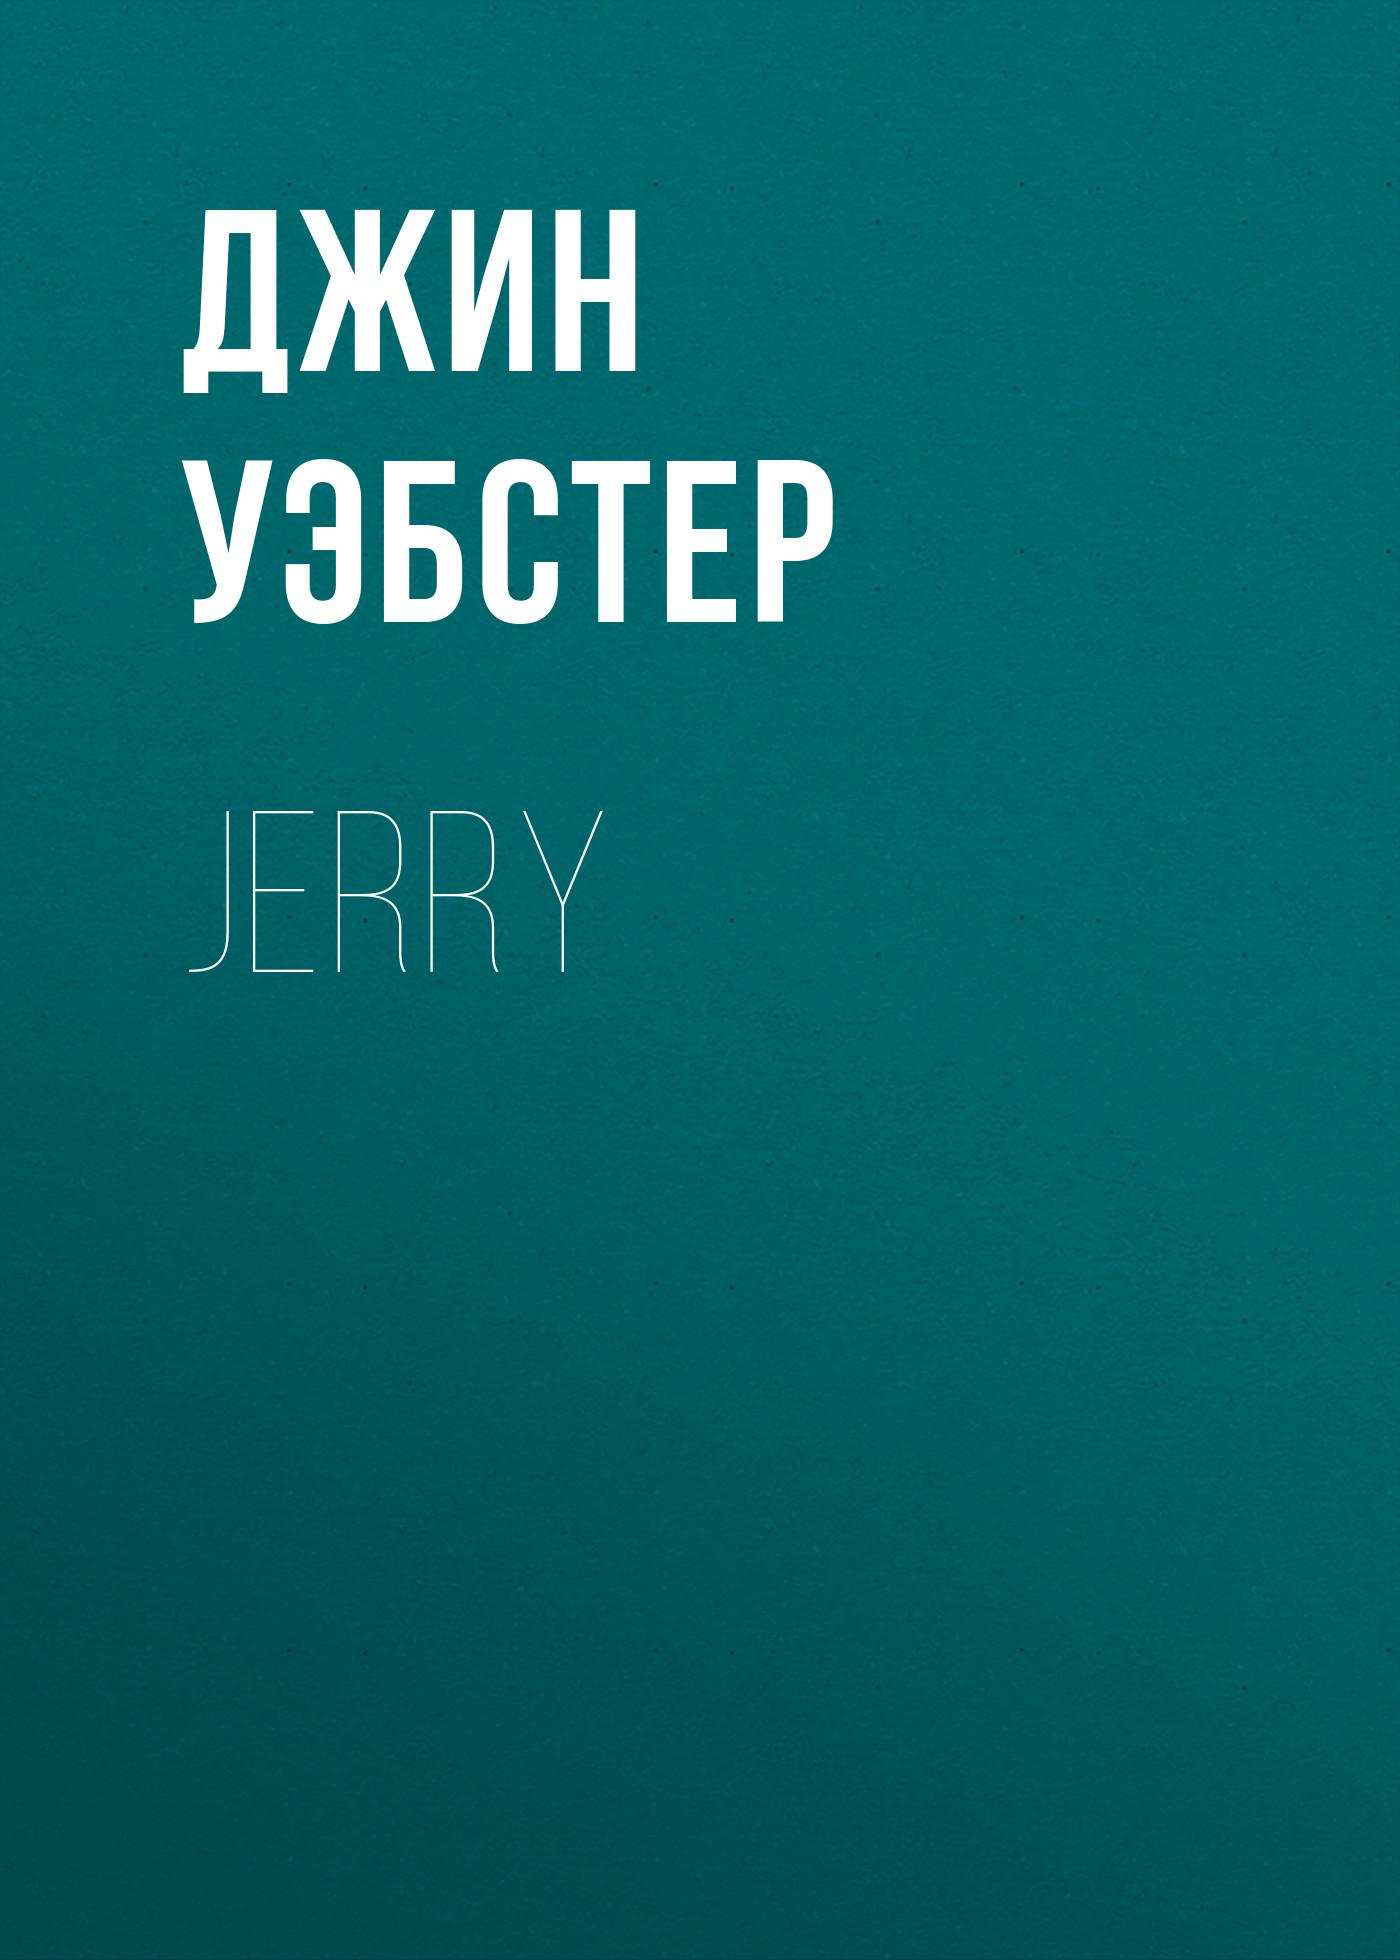 Джин Уэбстер Jerry